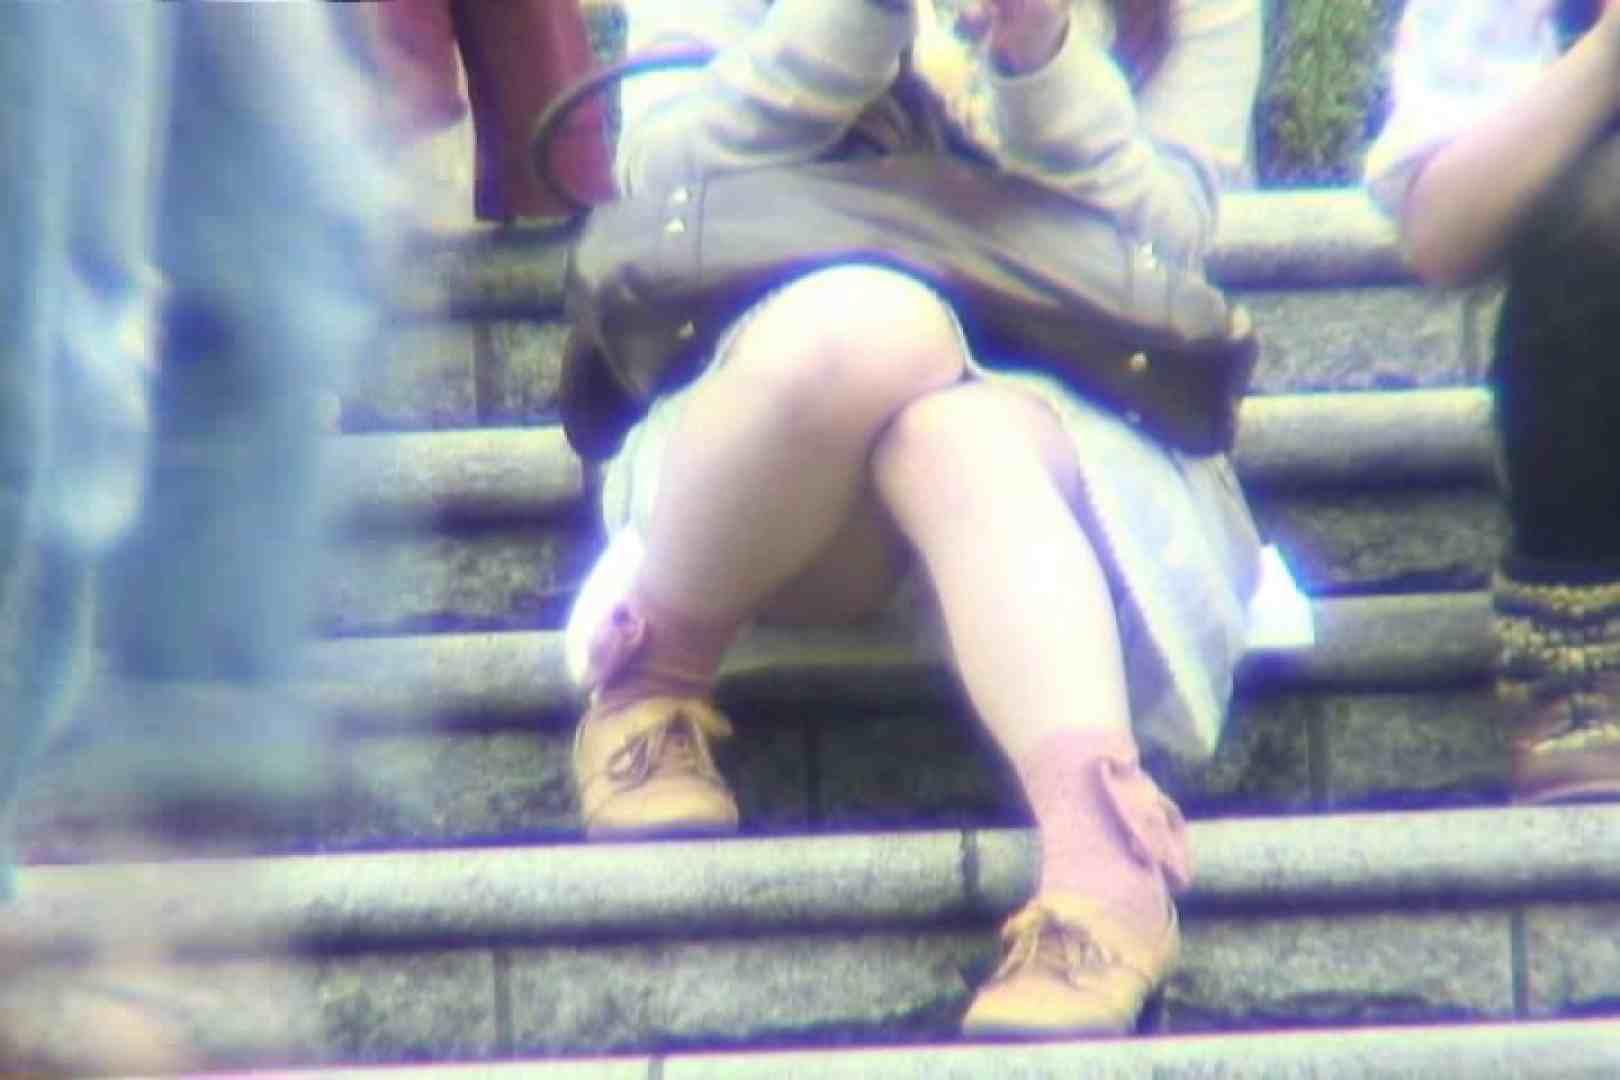 超最新版!春夏秋冬 vol.04 美しいOLの裸体 AV無料動画キャプチャ 97pic 90